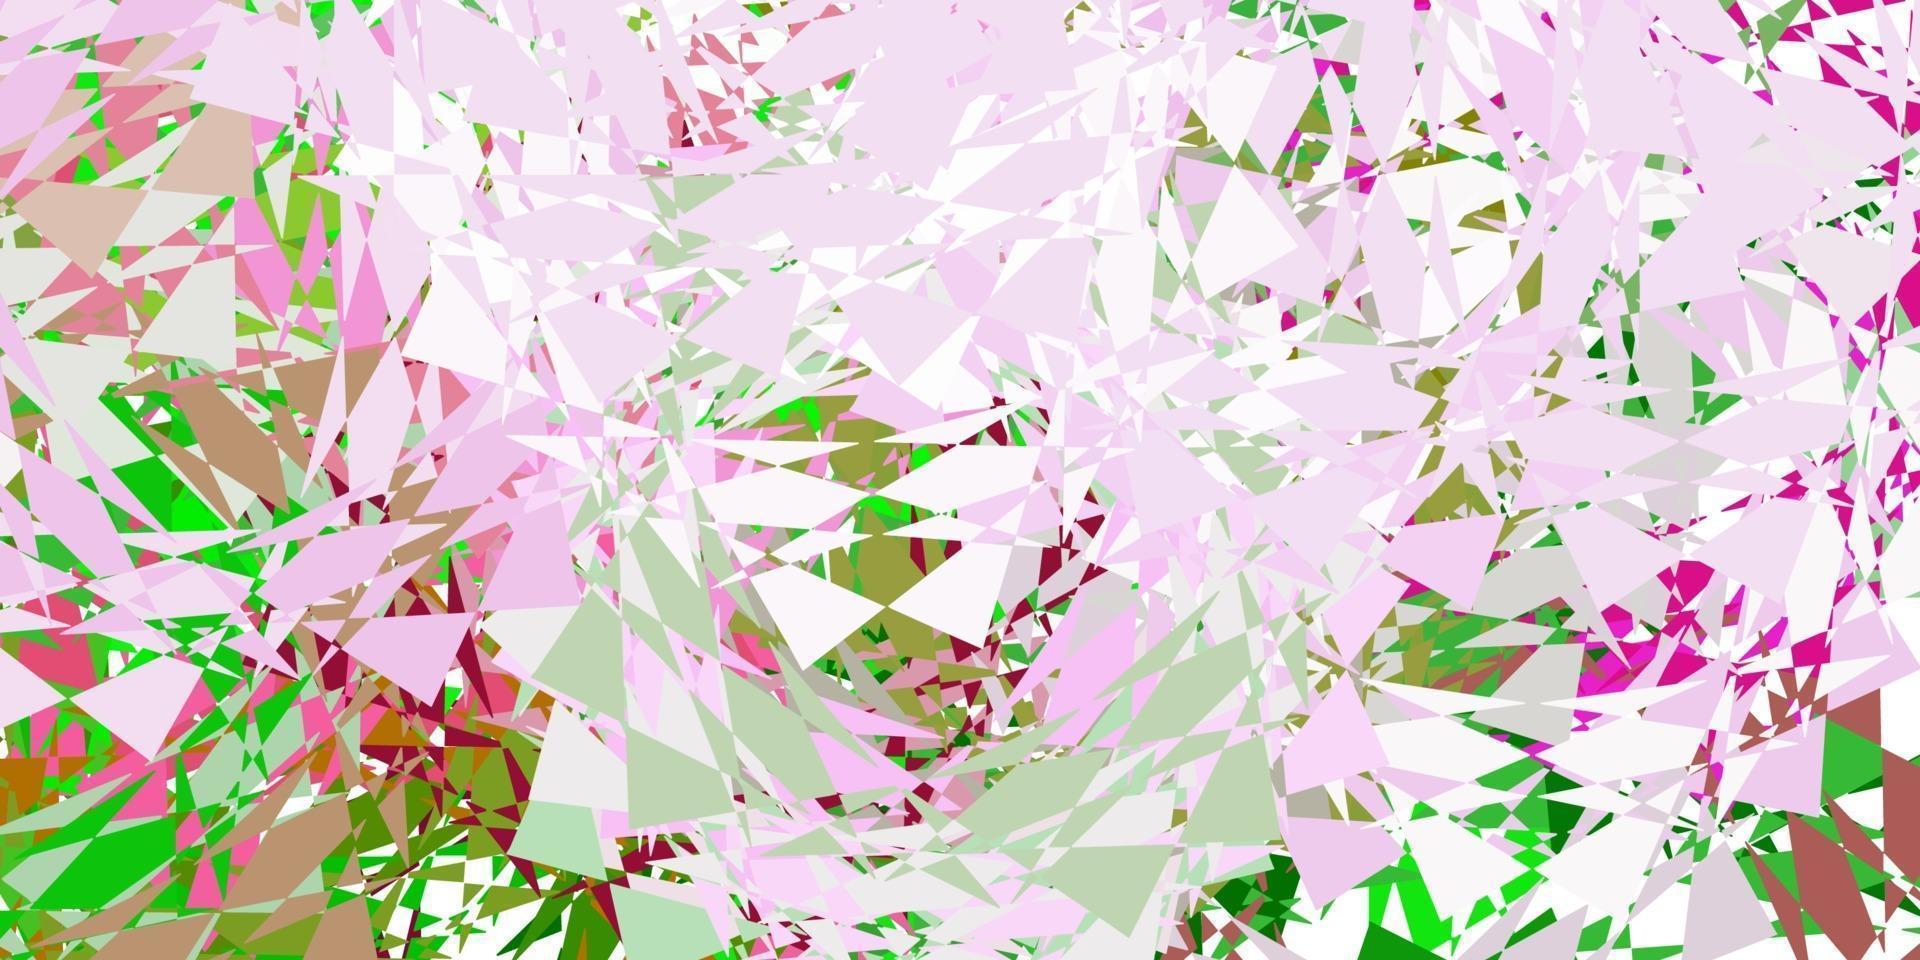 modello vettoriale rosa chiaro, verde con forme poligonali.